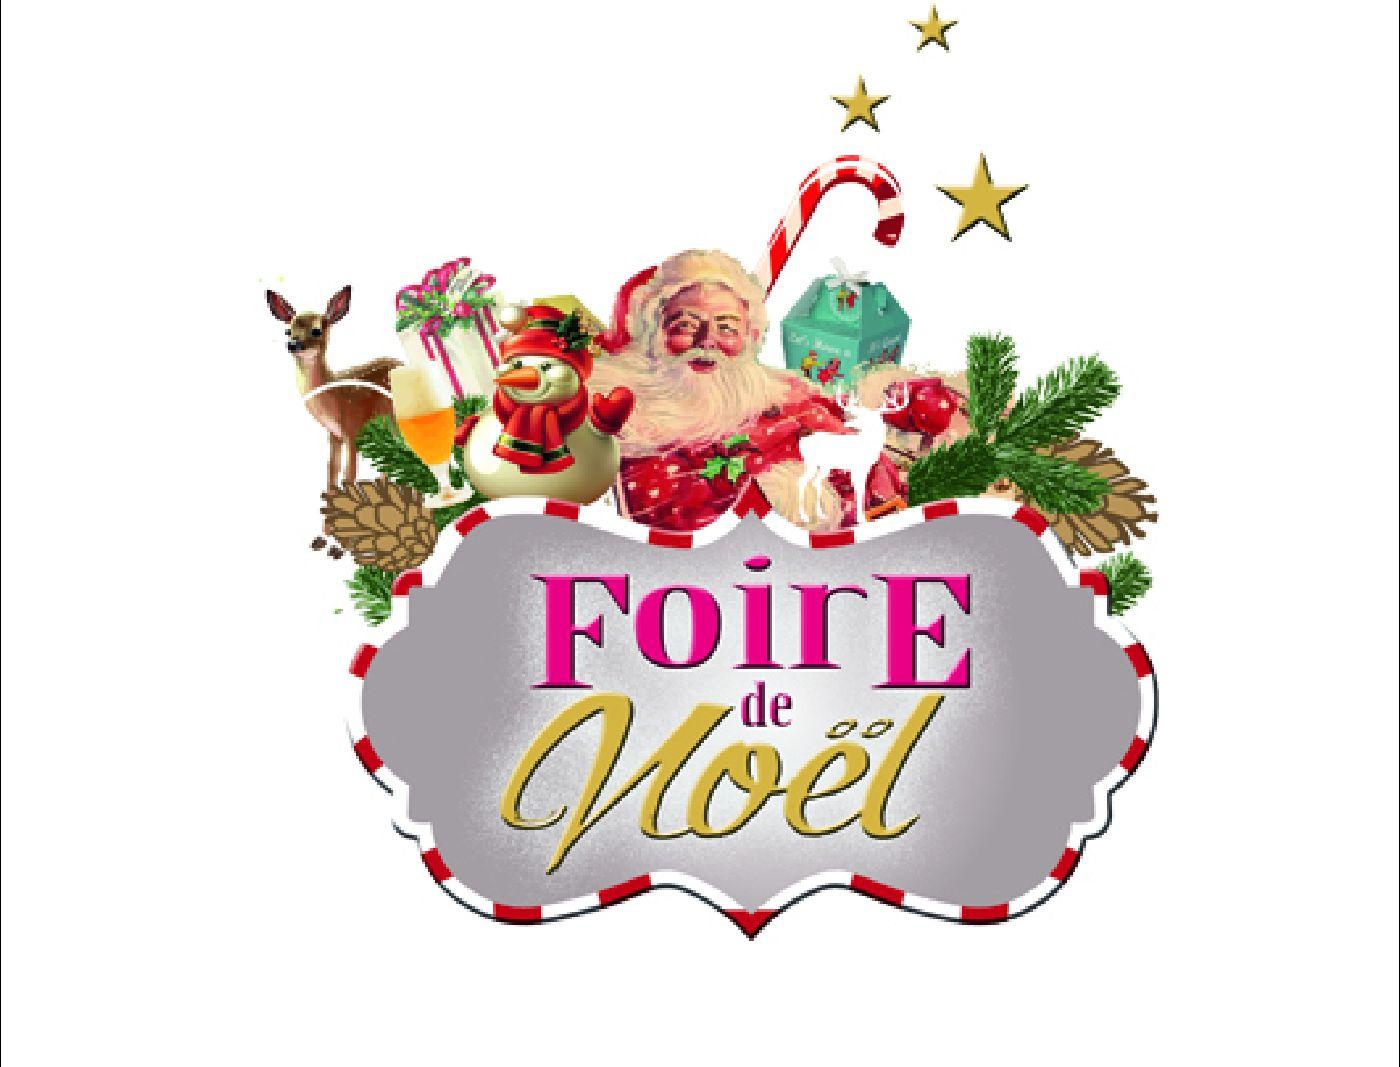 2e foire de no l libramont 15 16 et 17 d cembre 2017 halle aux foires - Entree gratuite foire de lyon 2017 ...